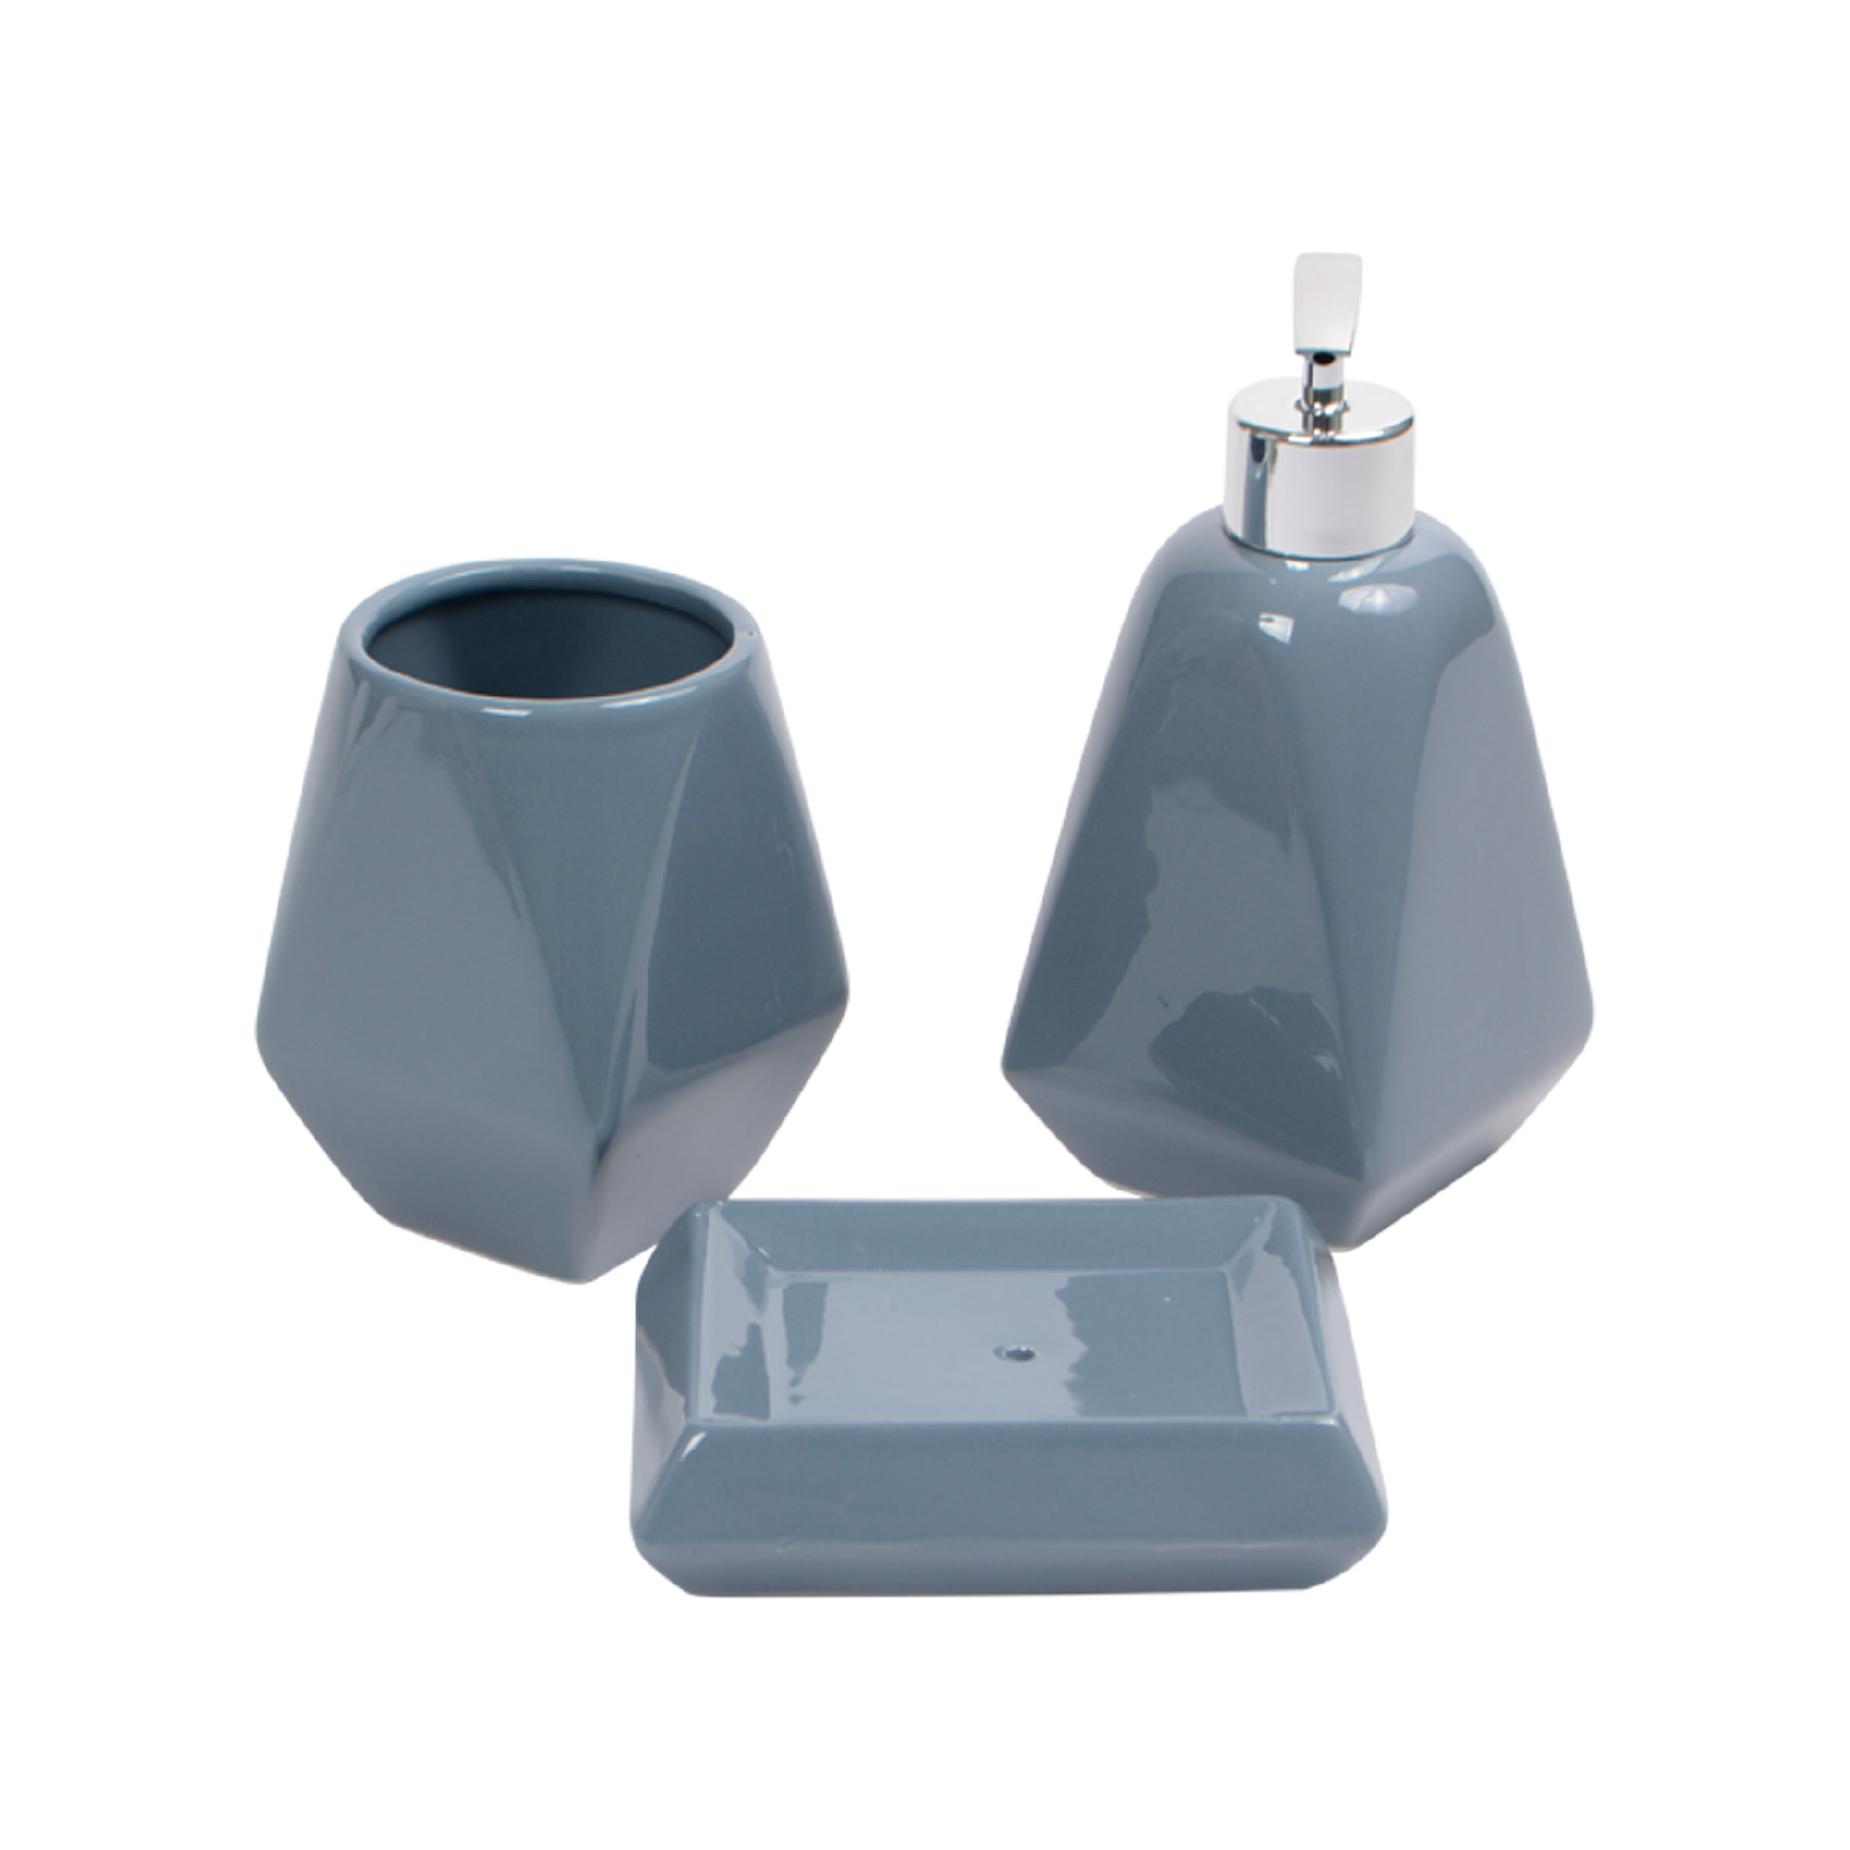 Kit para banheiro de cerâmica 3 peças